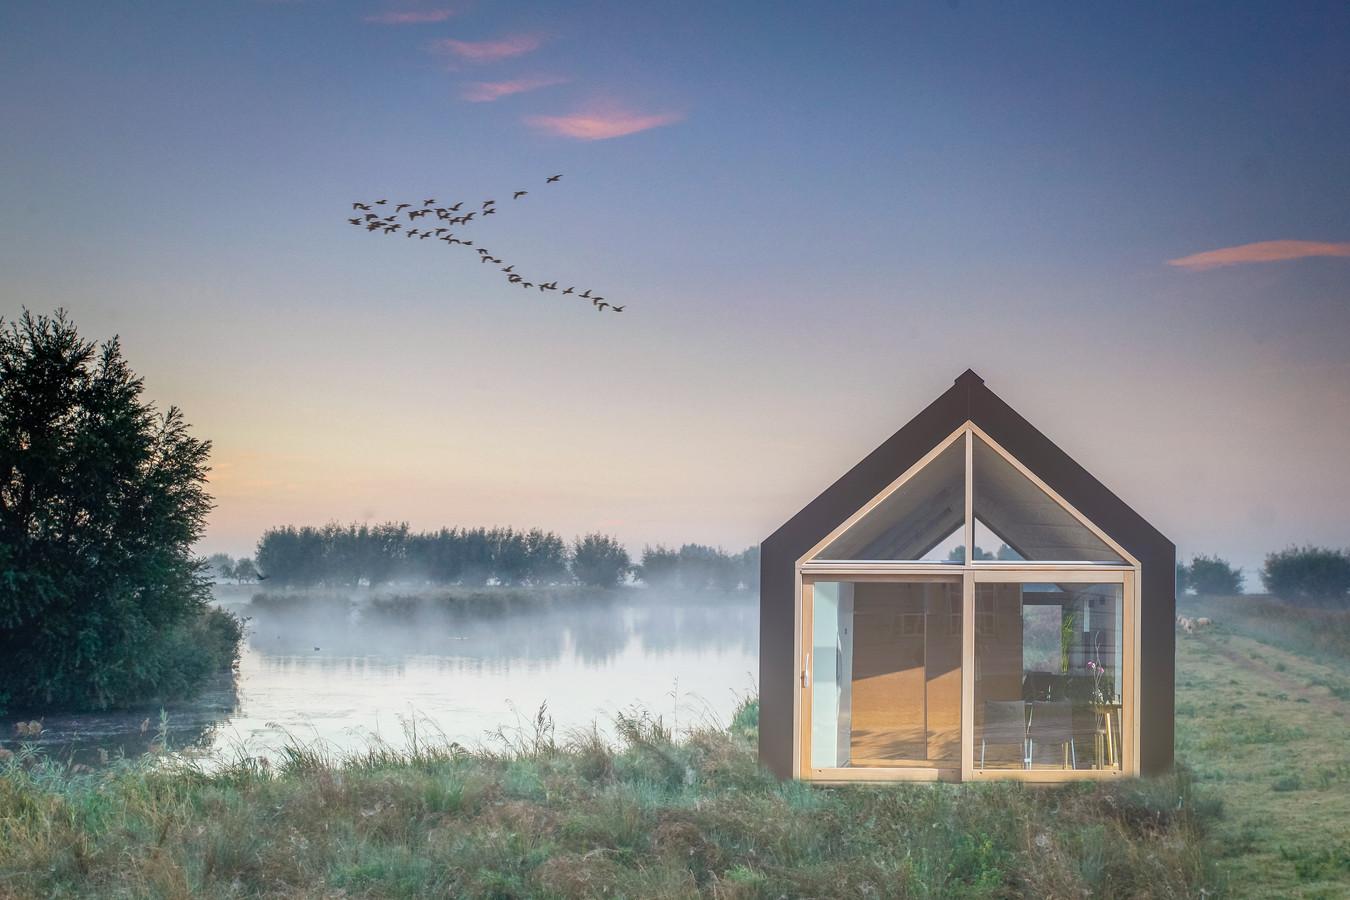 Een hotel in de Hoeksche Waard moet passen in ons landschap. Hotelkamers in tiny houses zouden soelaas kunnen bieden.